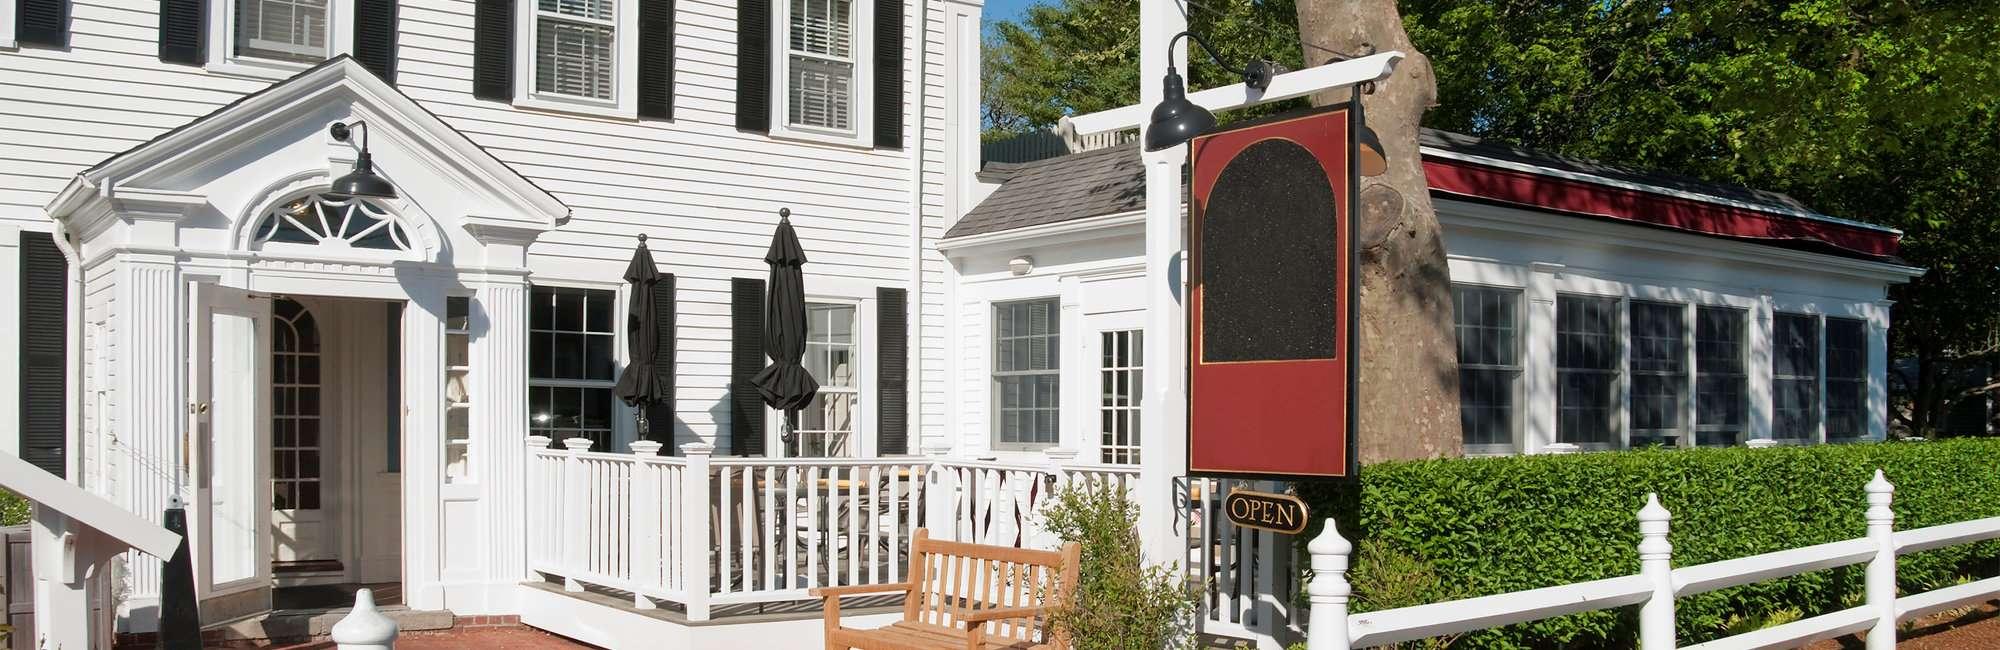 Slide-Lodging-Historic-Inns